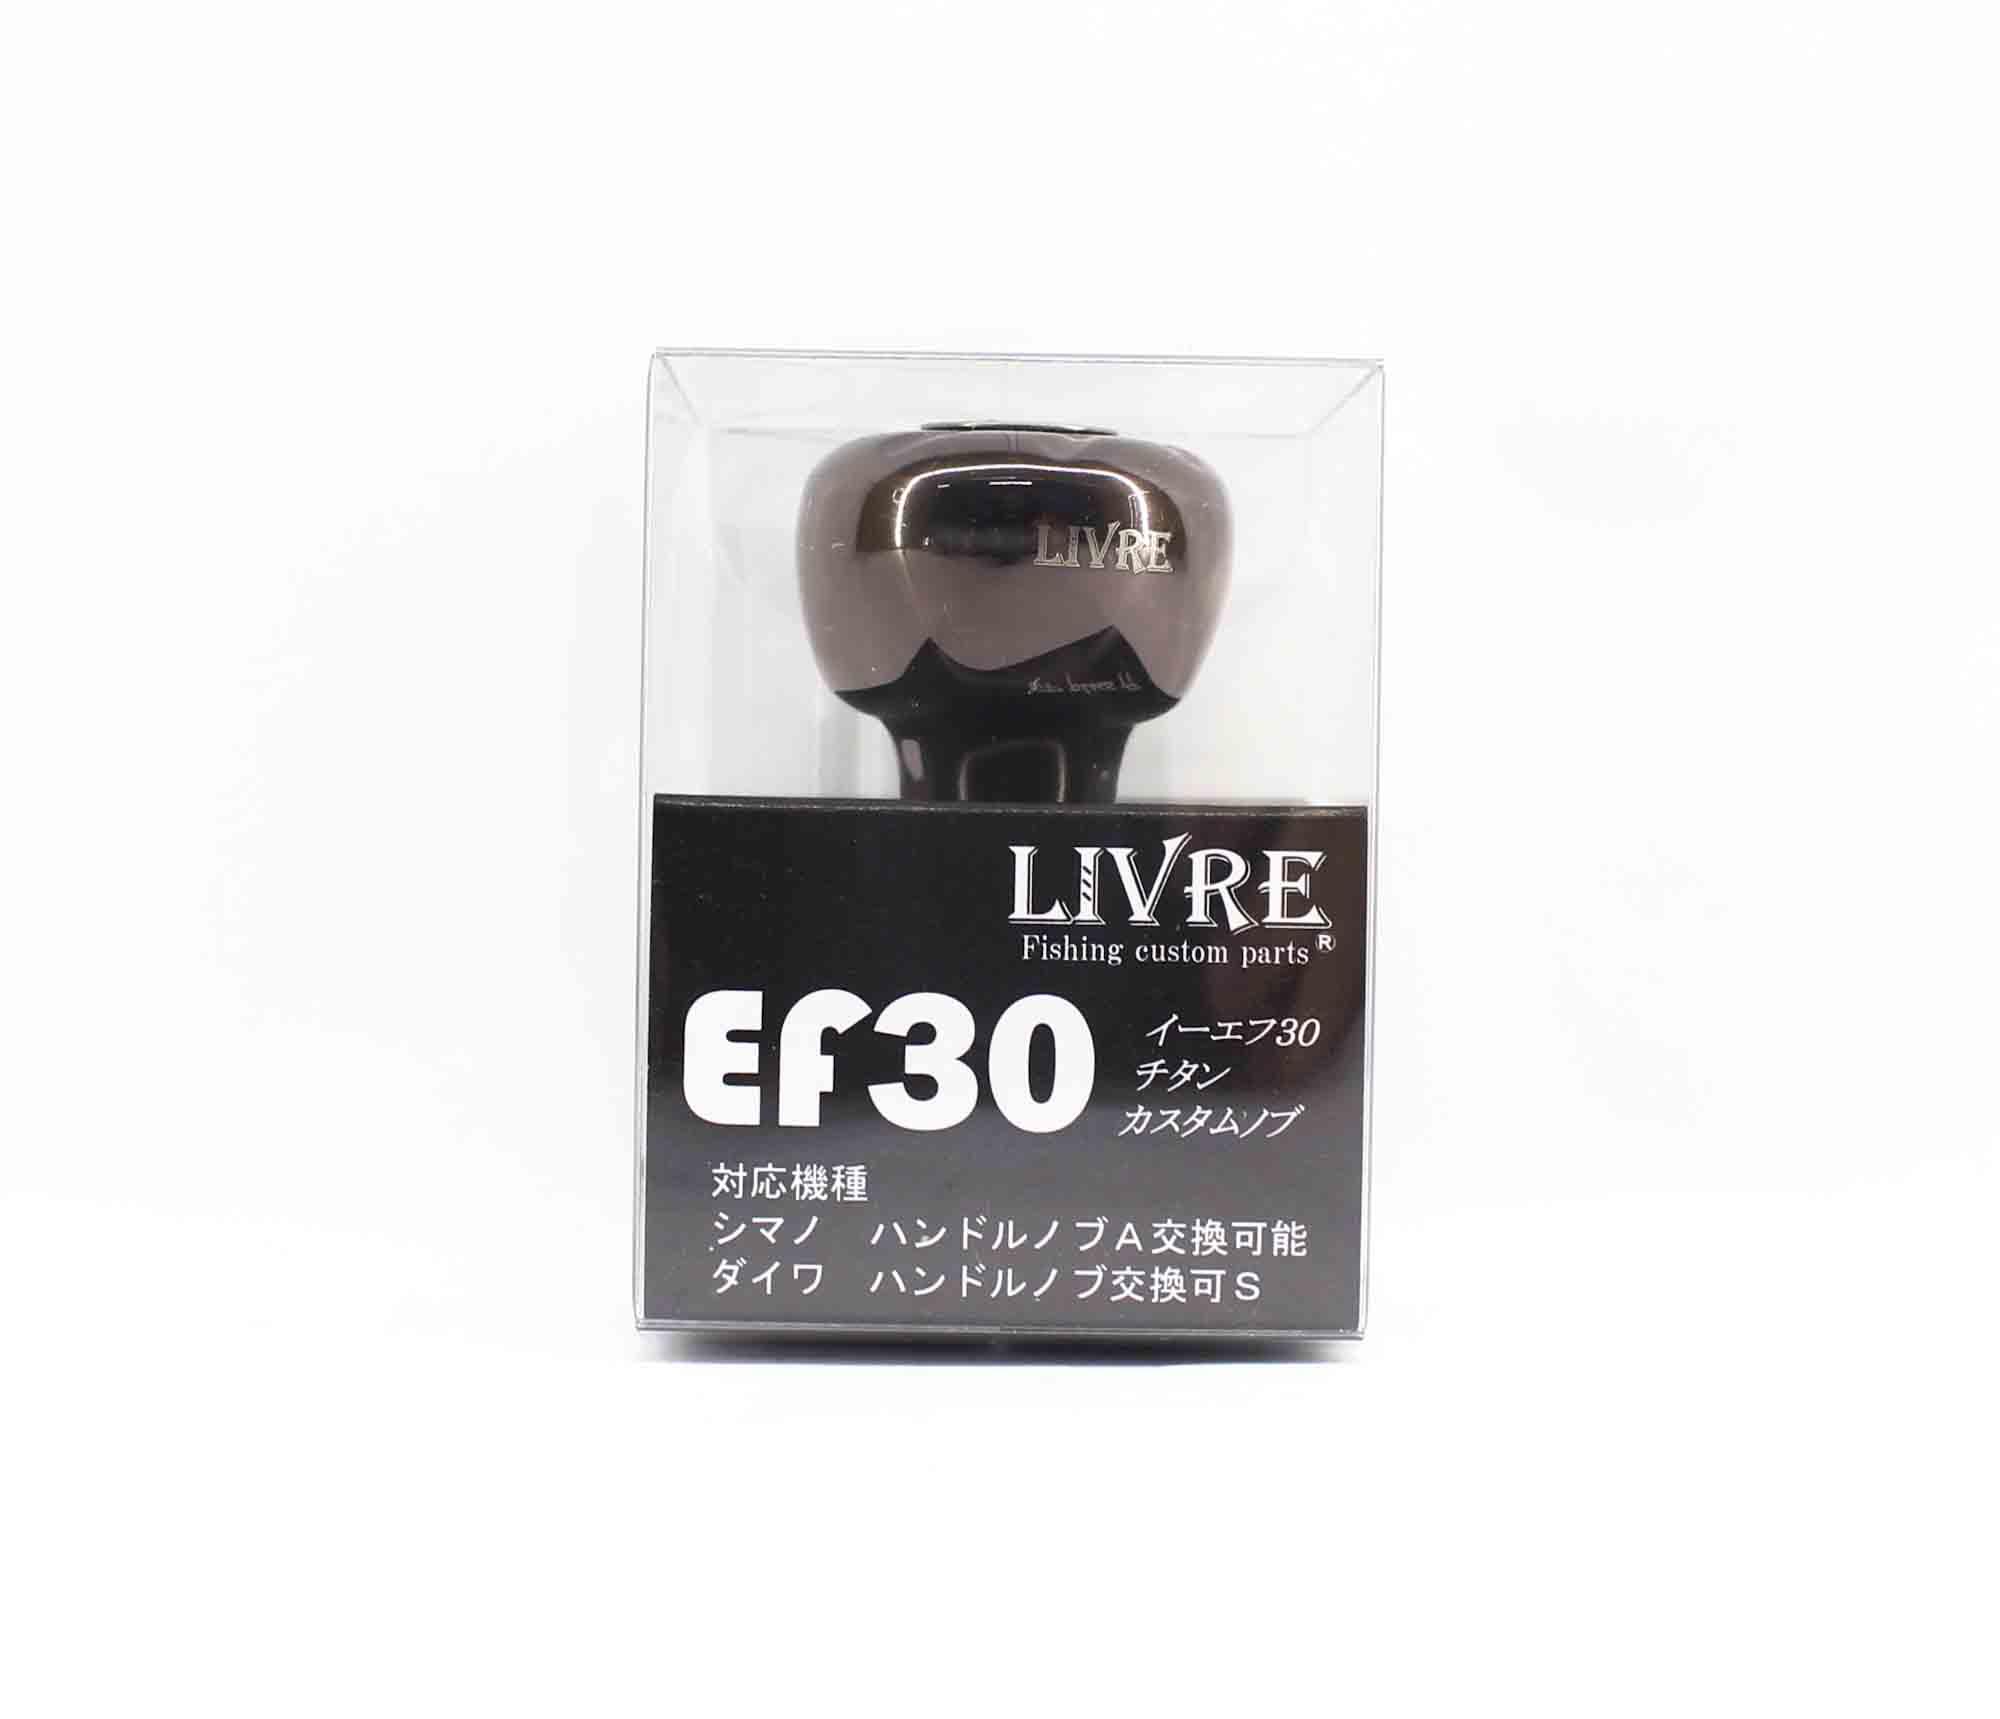 Livre E30BTI-1 Knob EF30 Shimano Daiwa (8415)